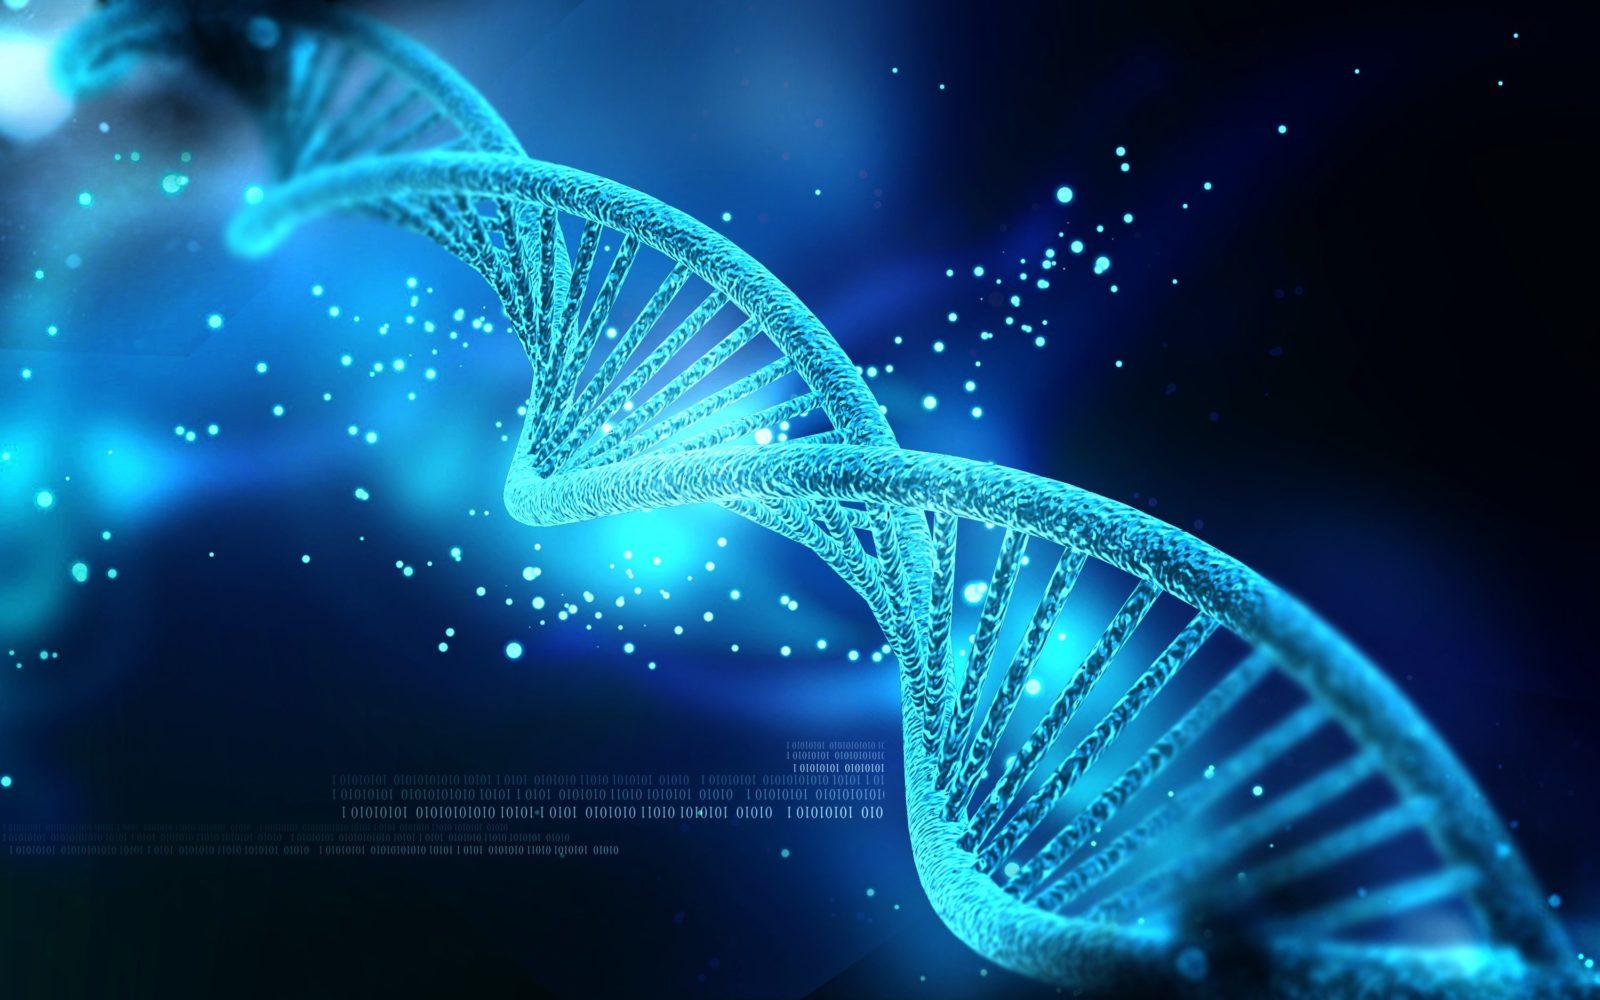 immagine dna per articolo sul genoma modificato